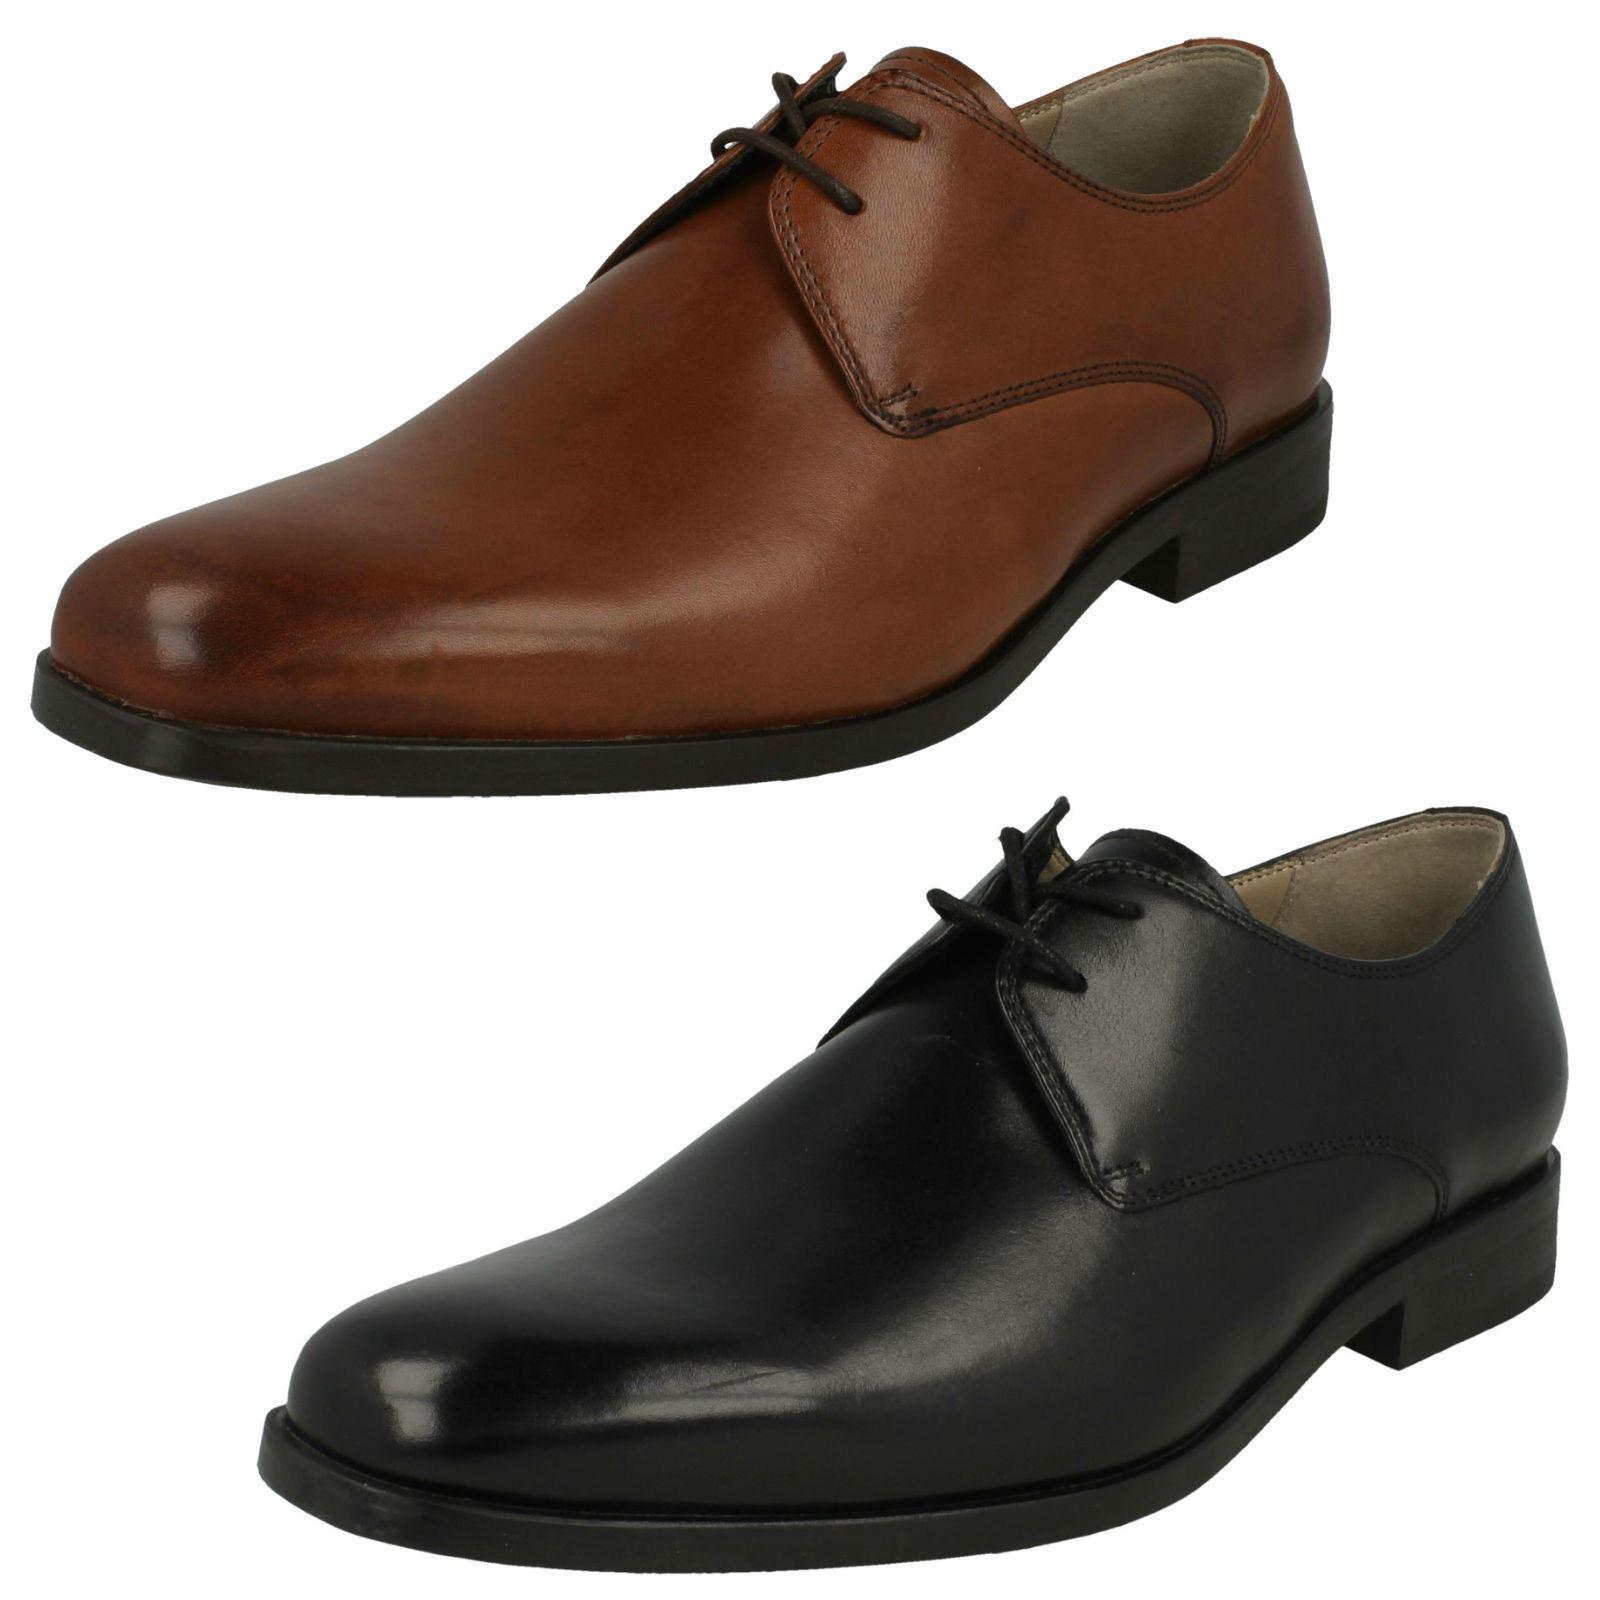 Clarks Homme Formel Lacets de chaussure  amieson Walk